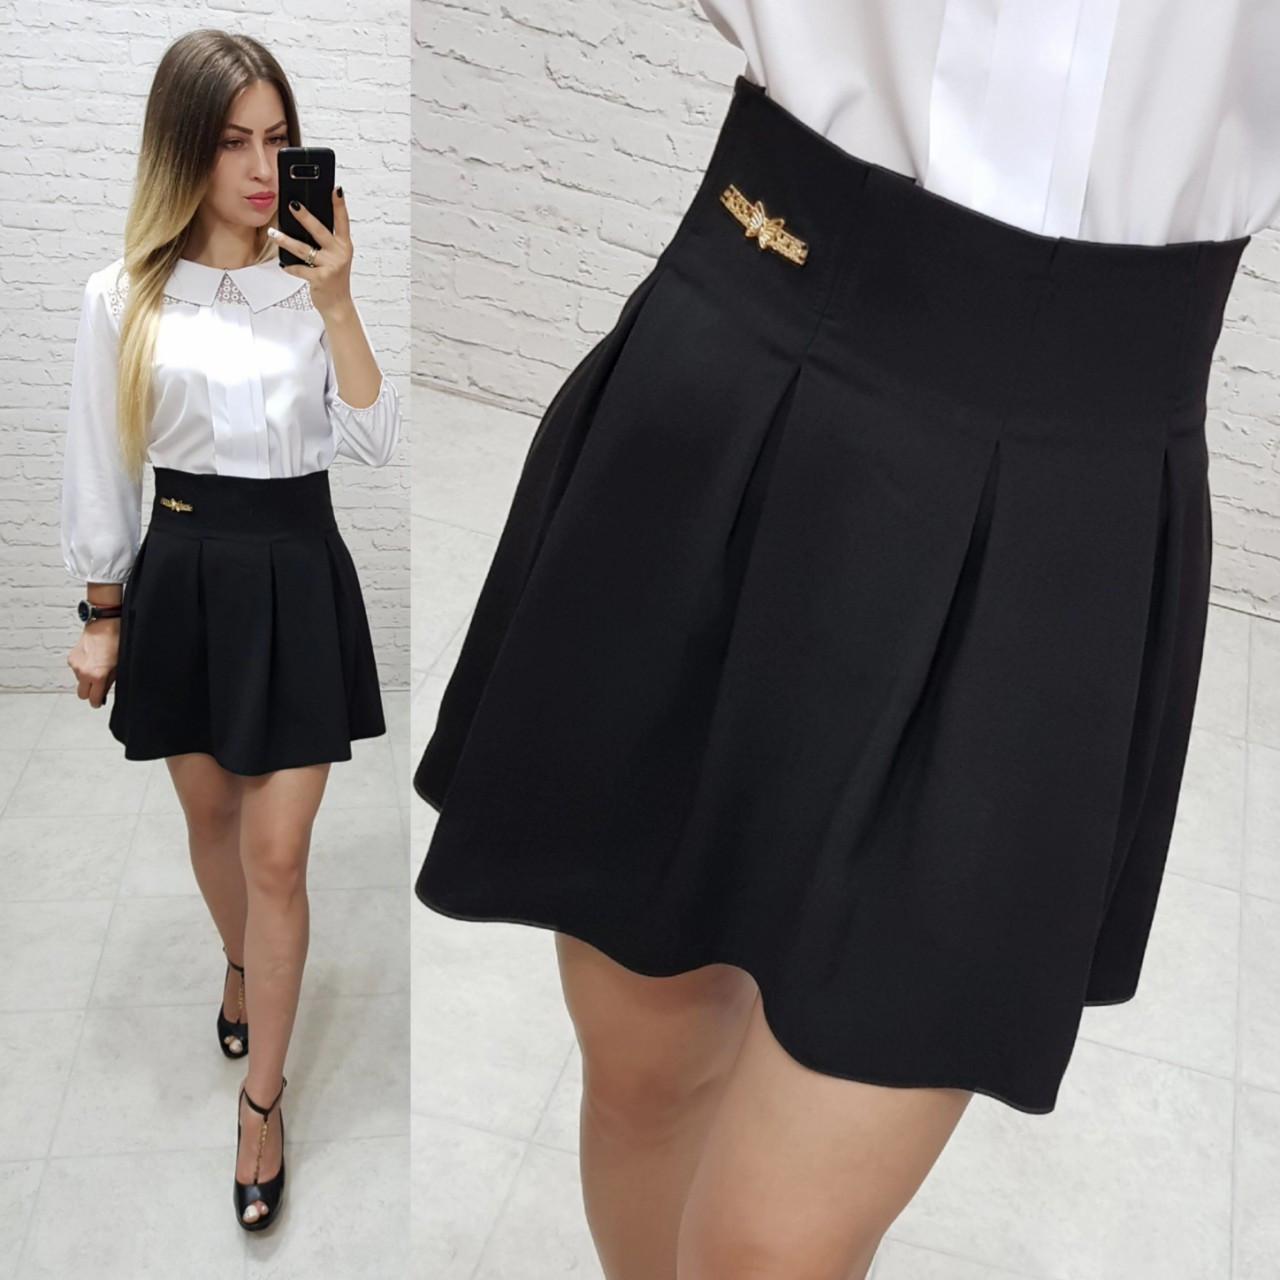 Модная юбка для девочек в складку черного цвета, ткань полушерсть, арт. 1010